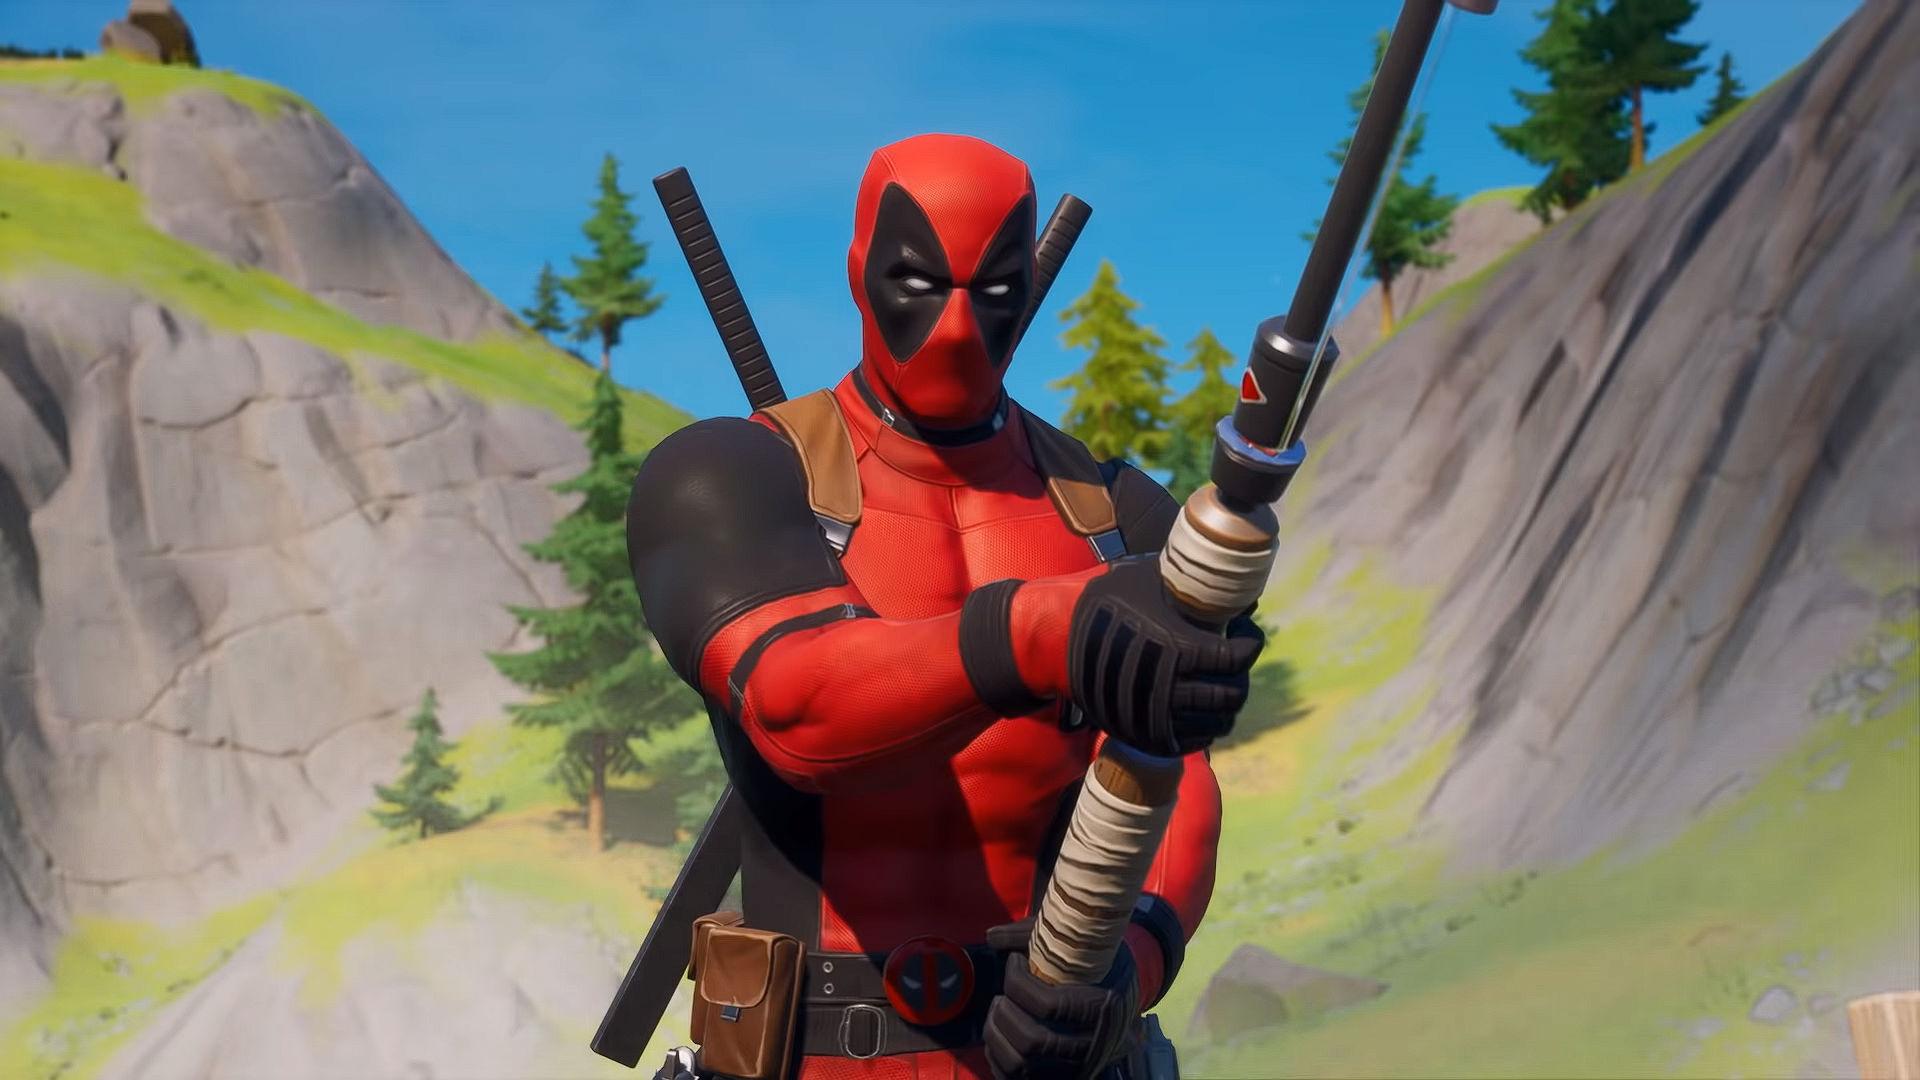 Deadpool in Fortnite